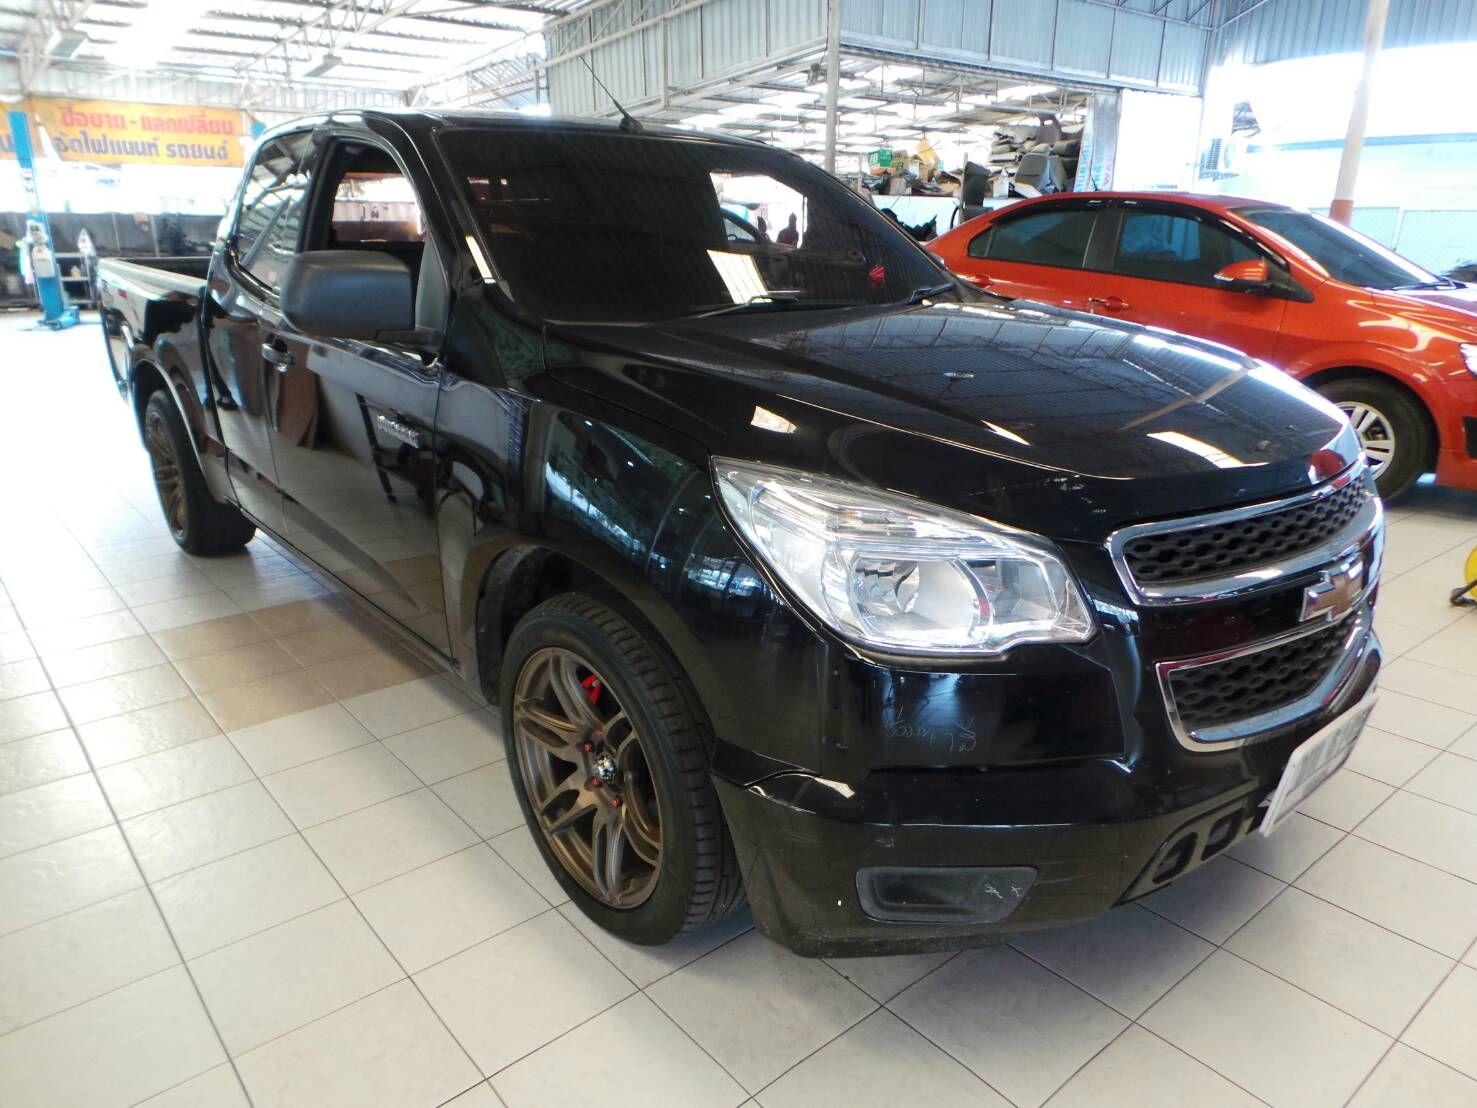 CHEVLORET ISUZU Corolado 2007-2011 2.5 LS1 X-CAB